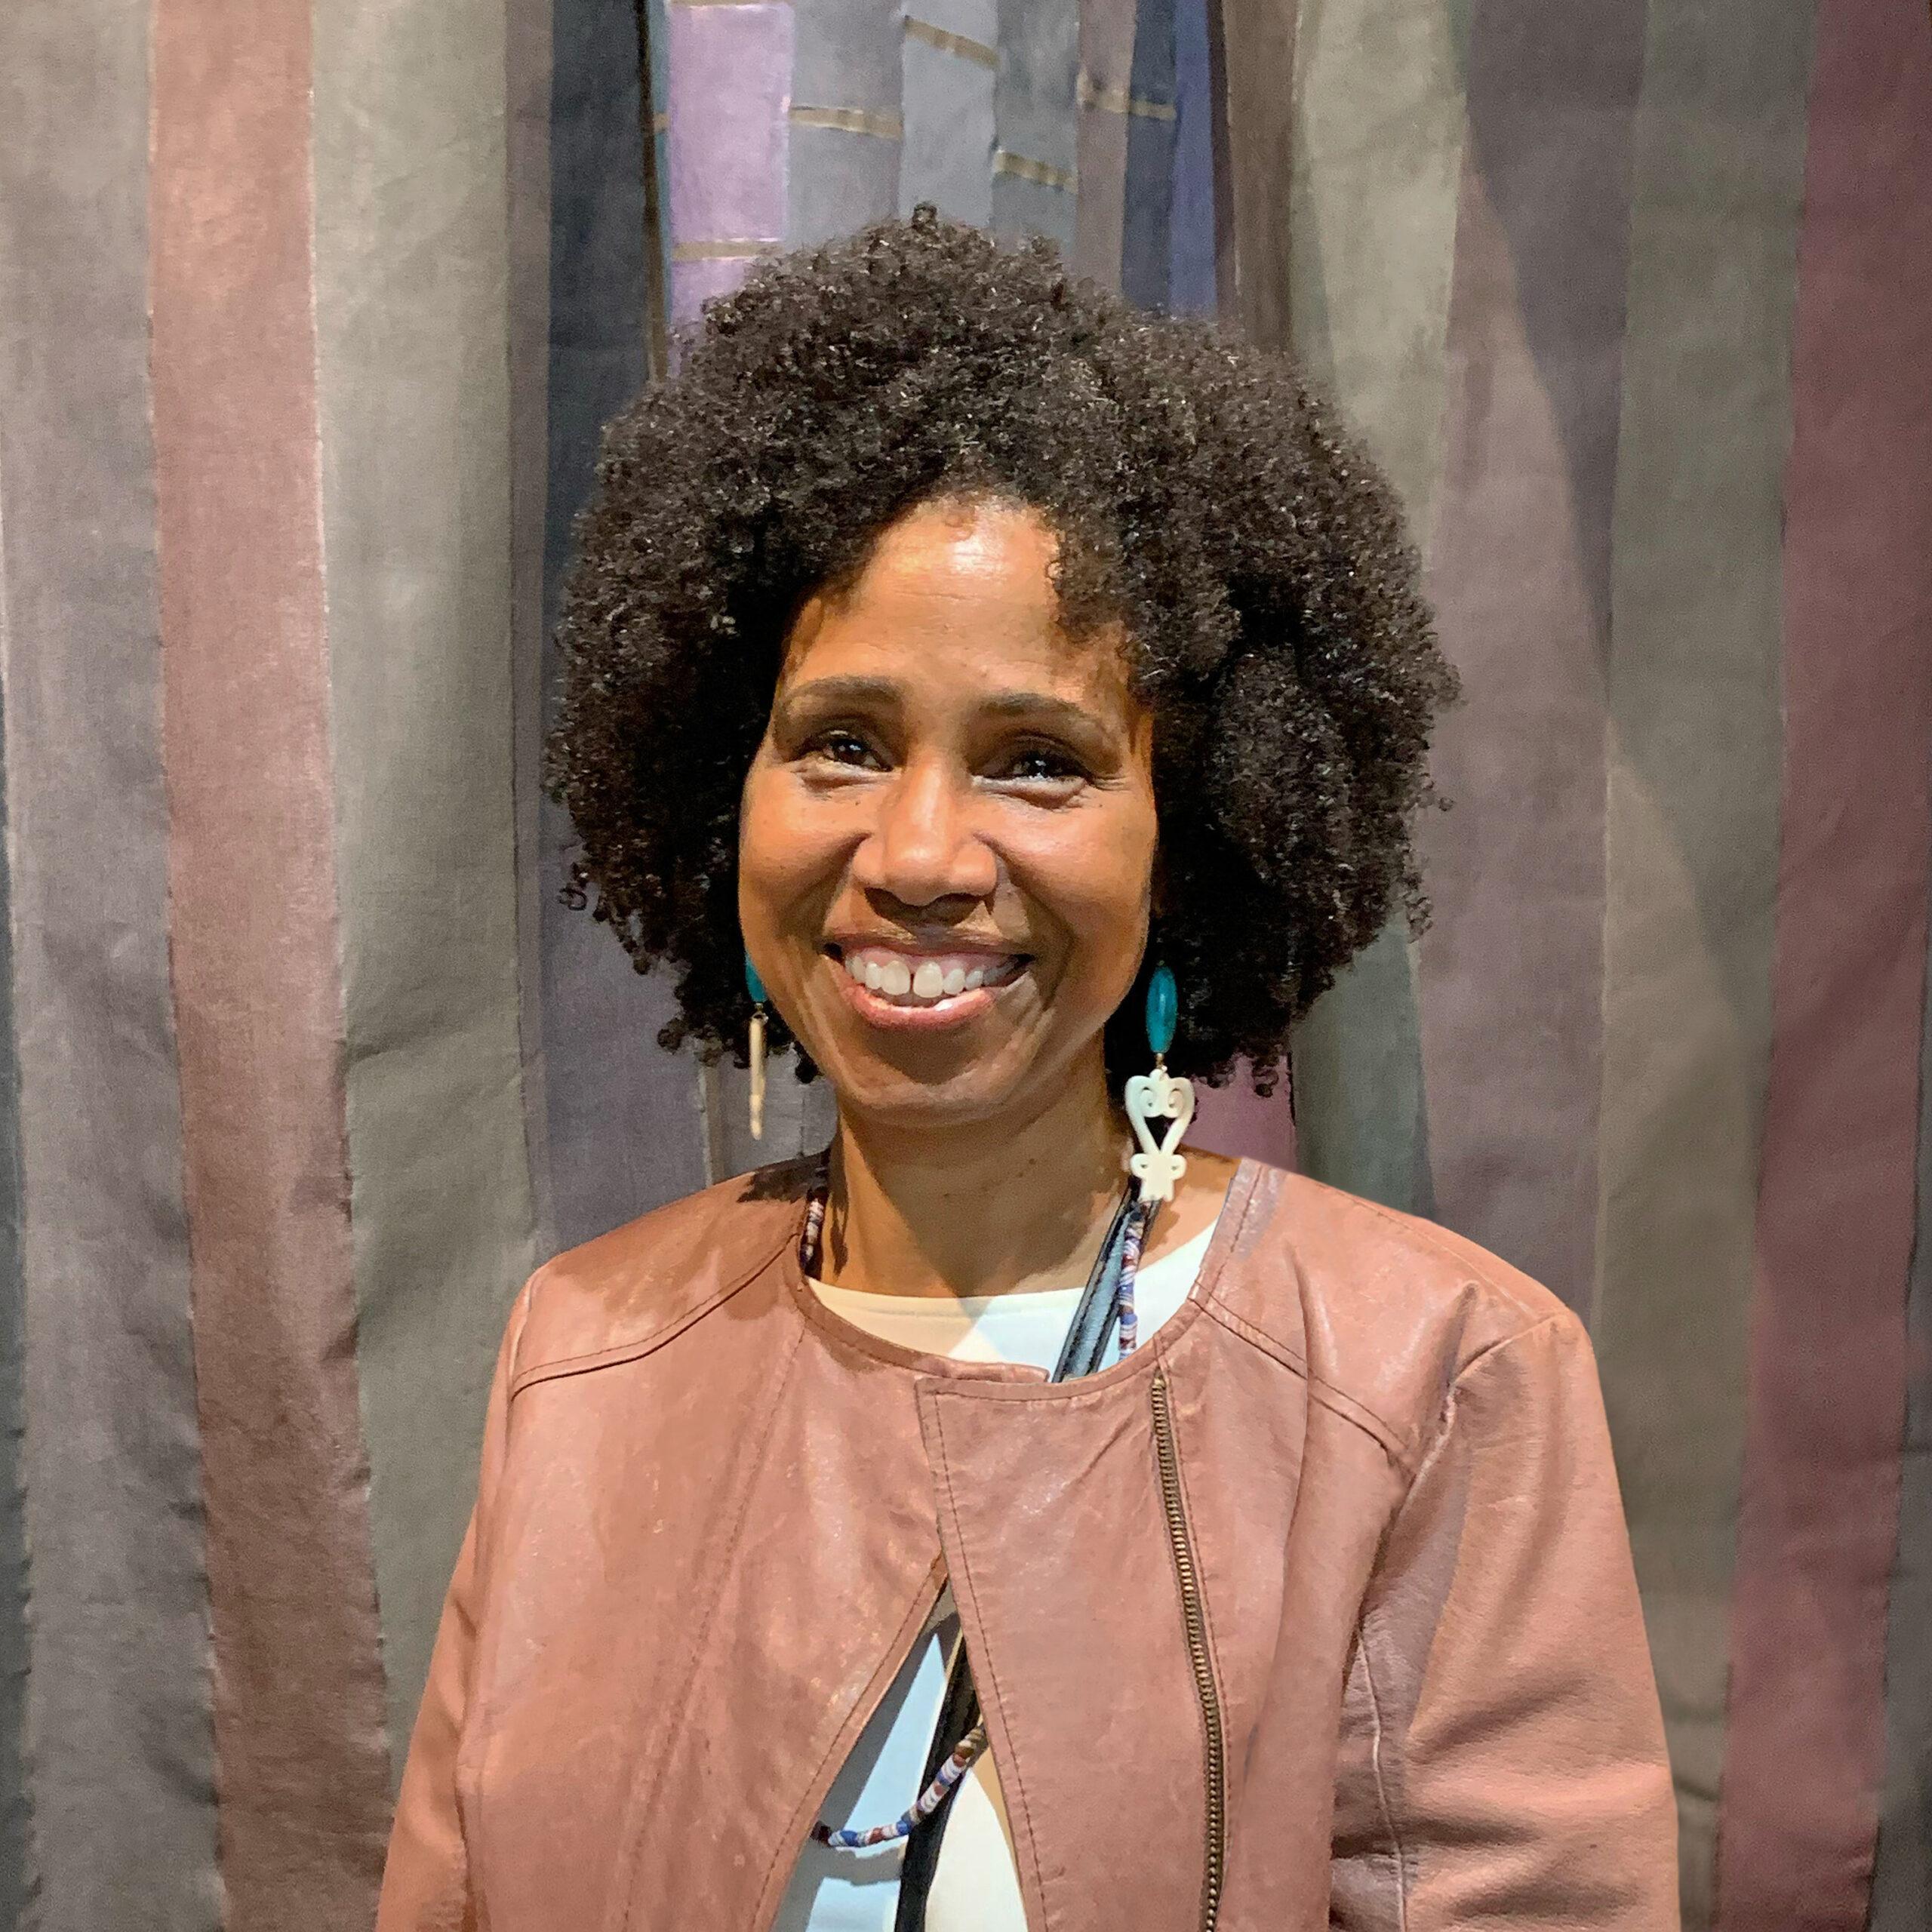 June Edmonds Portrait 2020 Courtesy of Luis de Jesus Los Angeles